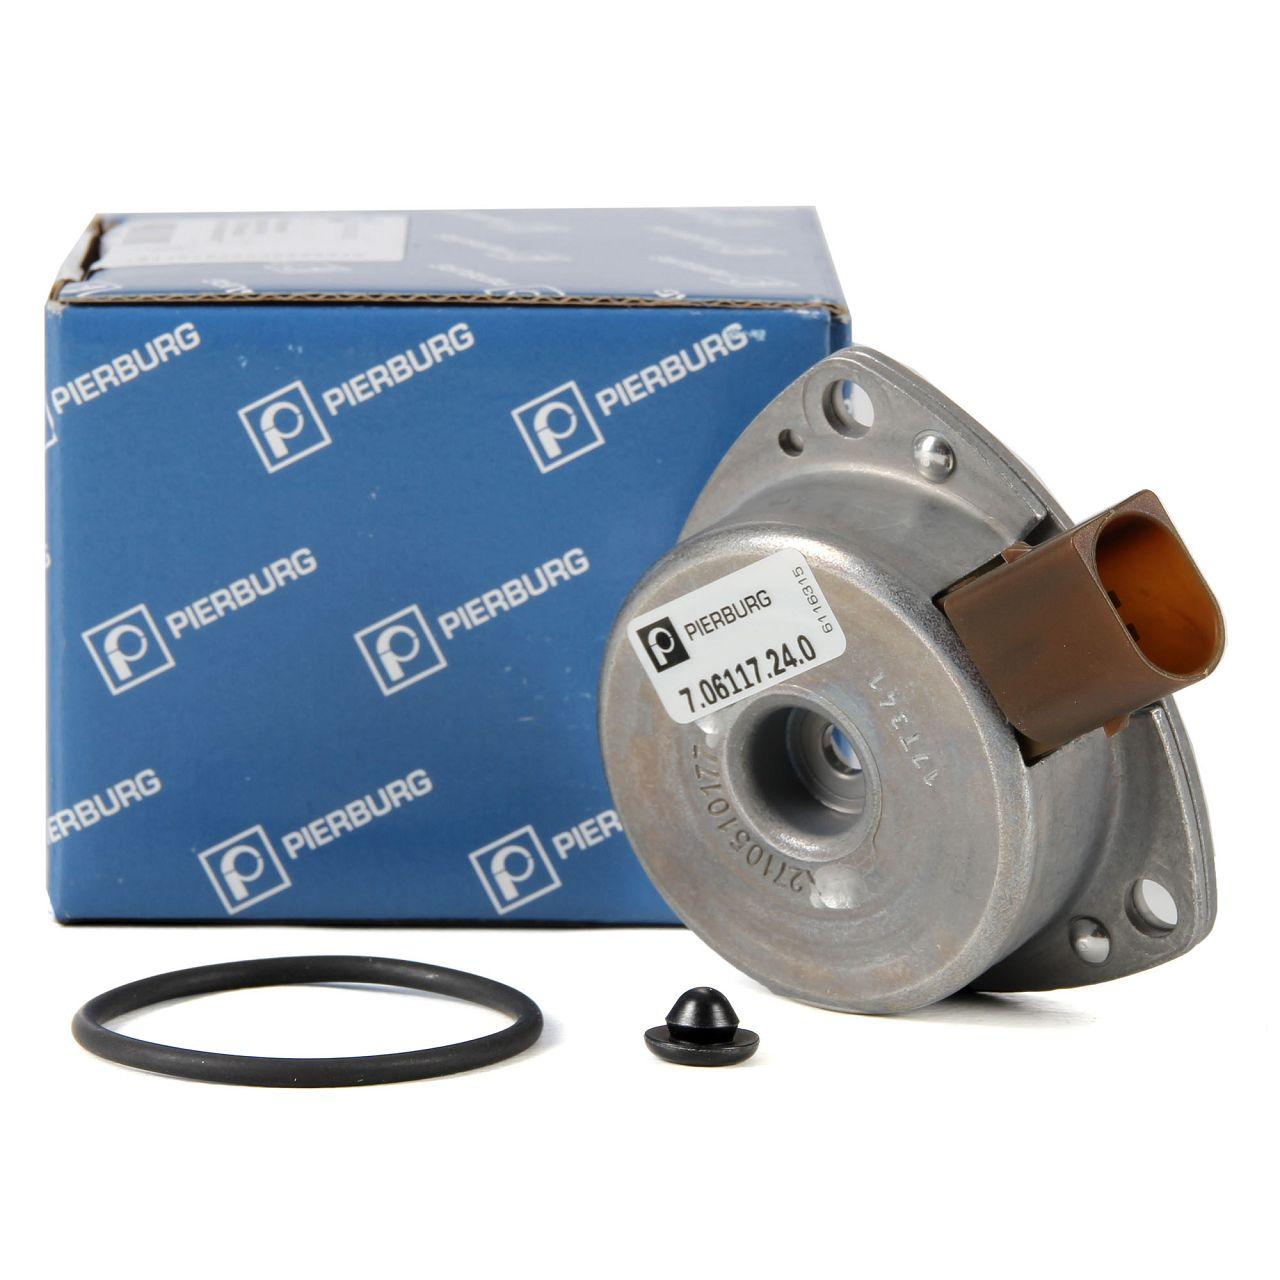 PIERBURG 7.06117.24.0 Zentralmagnet Nockenwellenversteller OM271 für MERCEDES